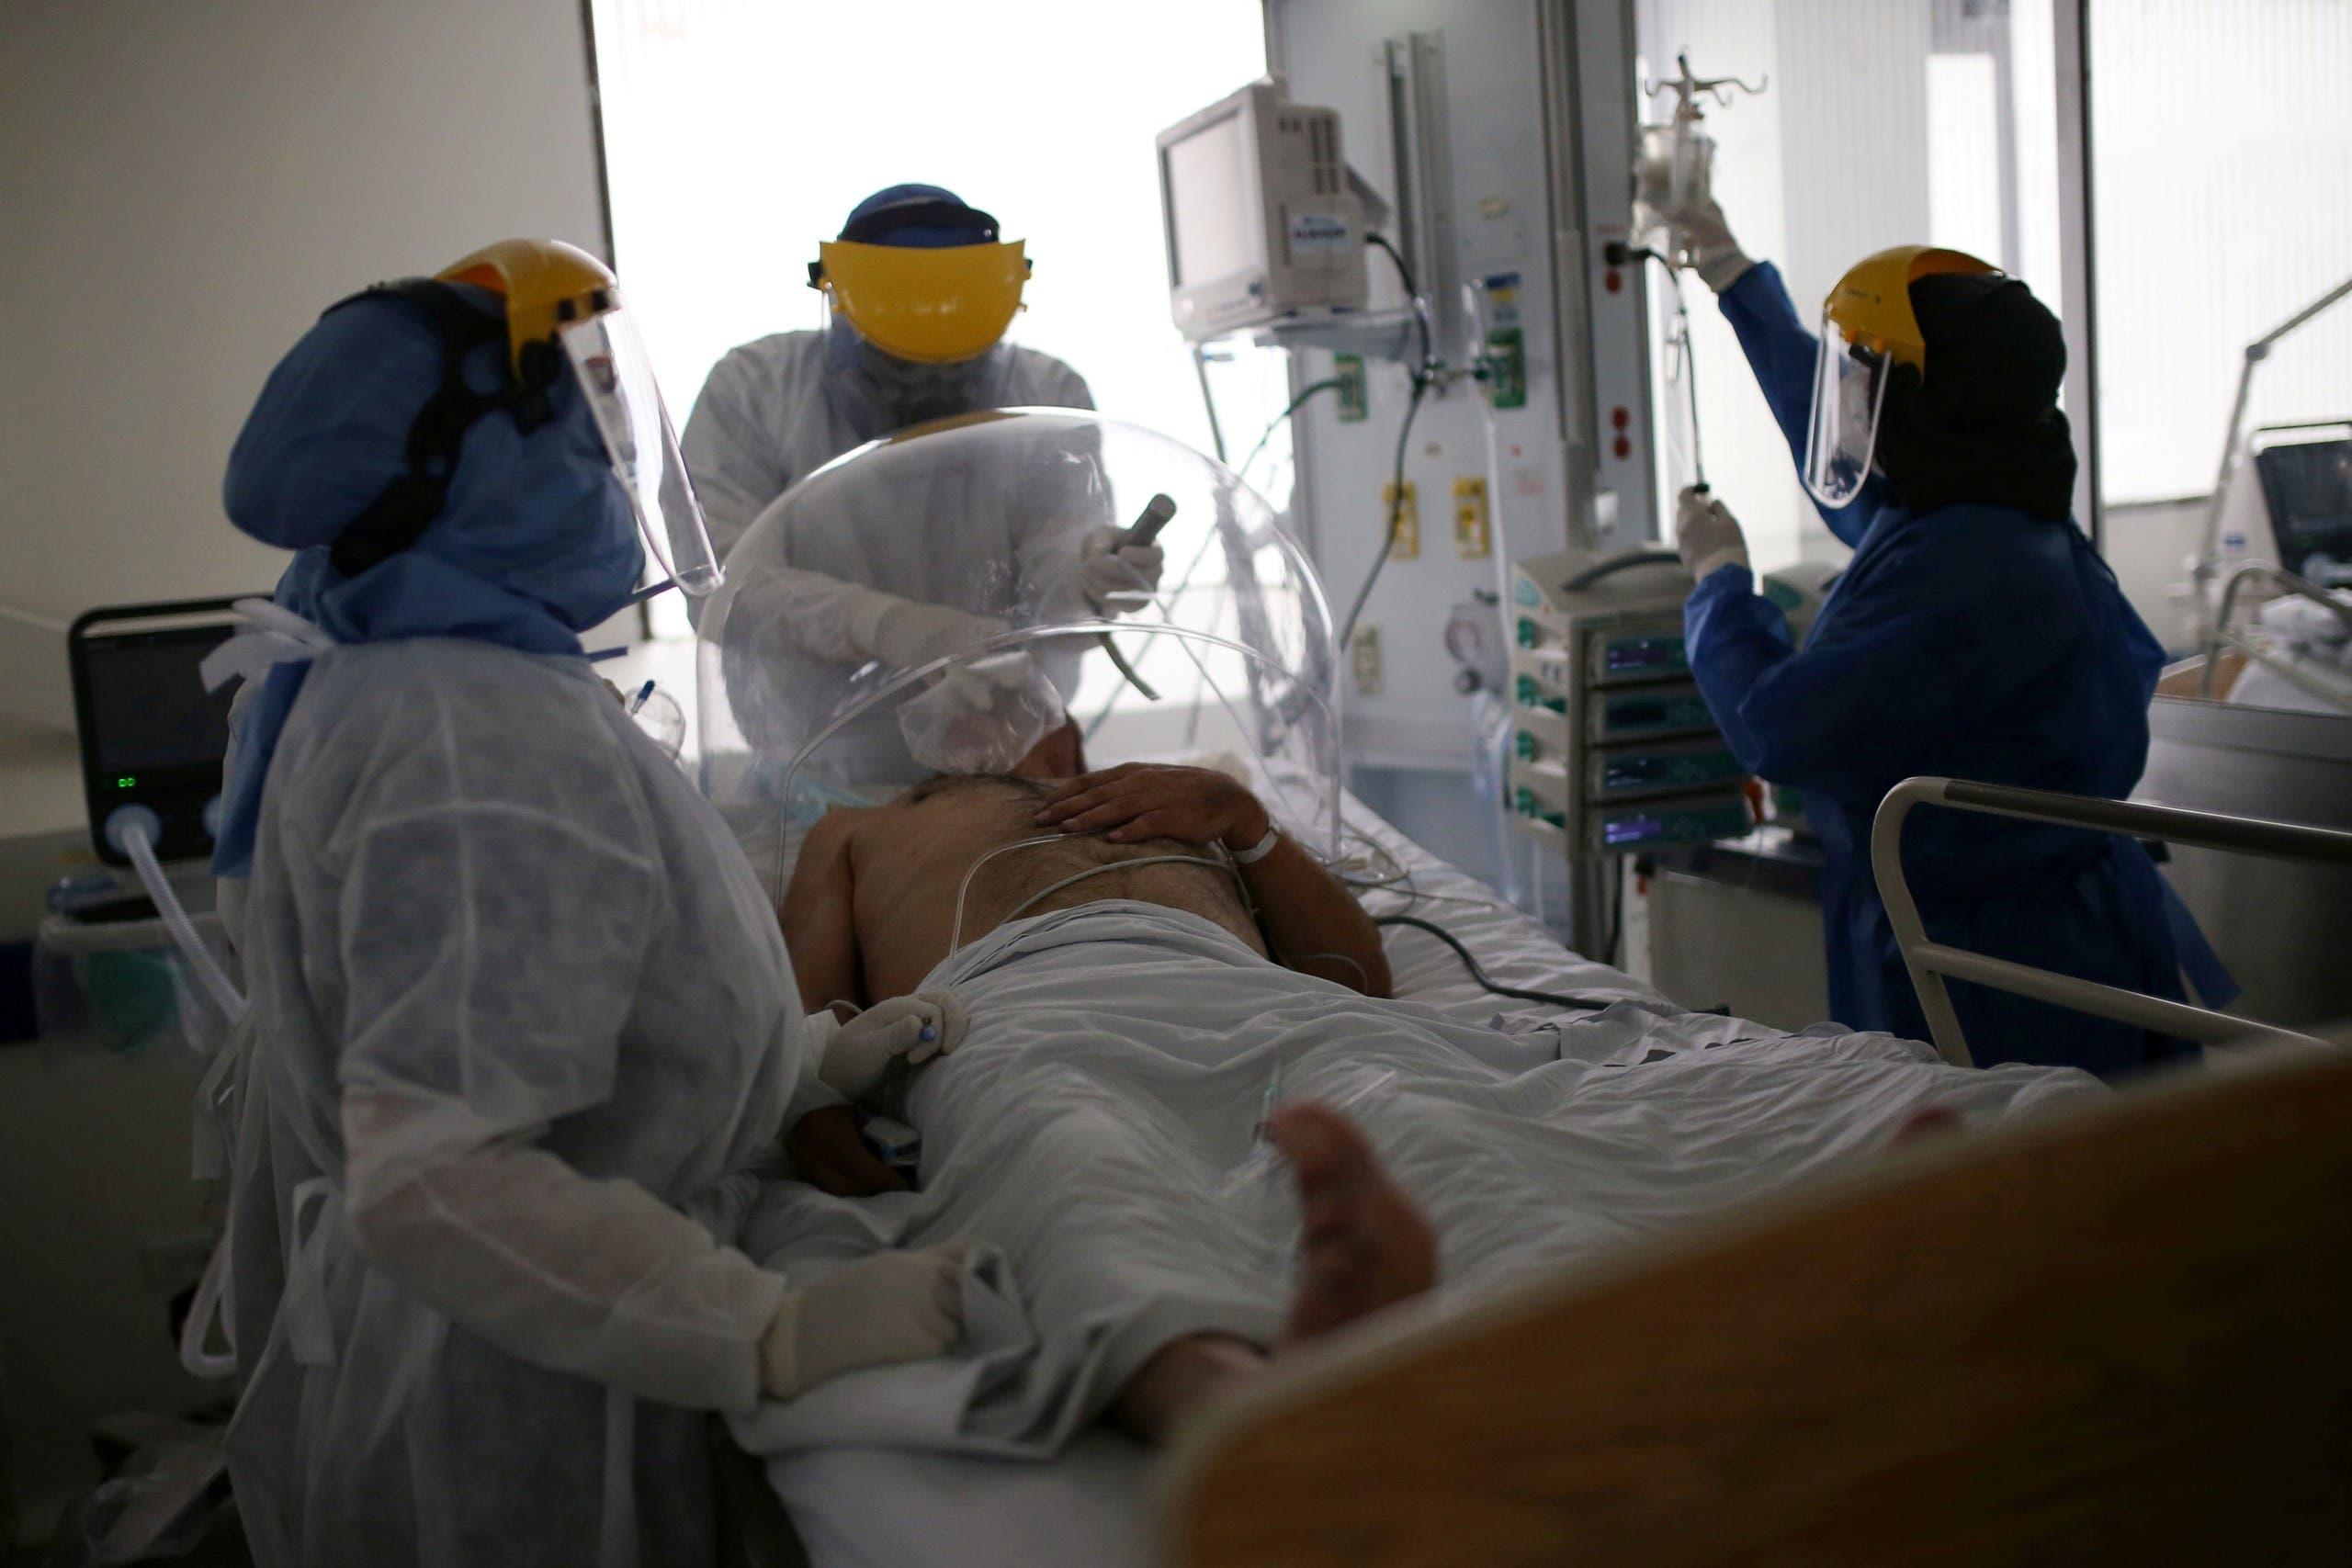 طبيب وممرضات يعتنون بمصاب بكورونا في كولومبيا